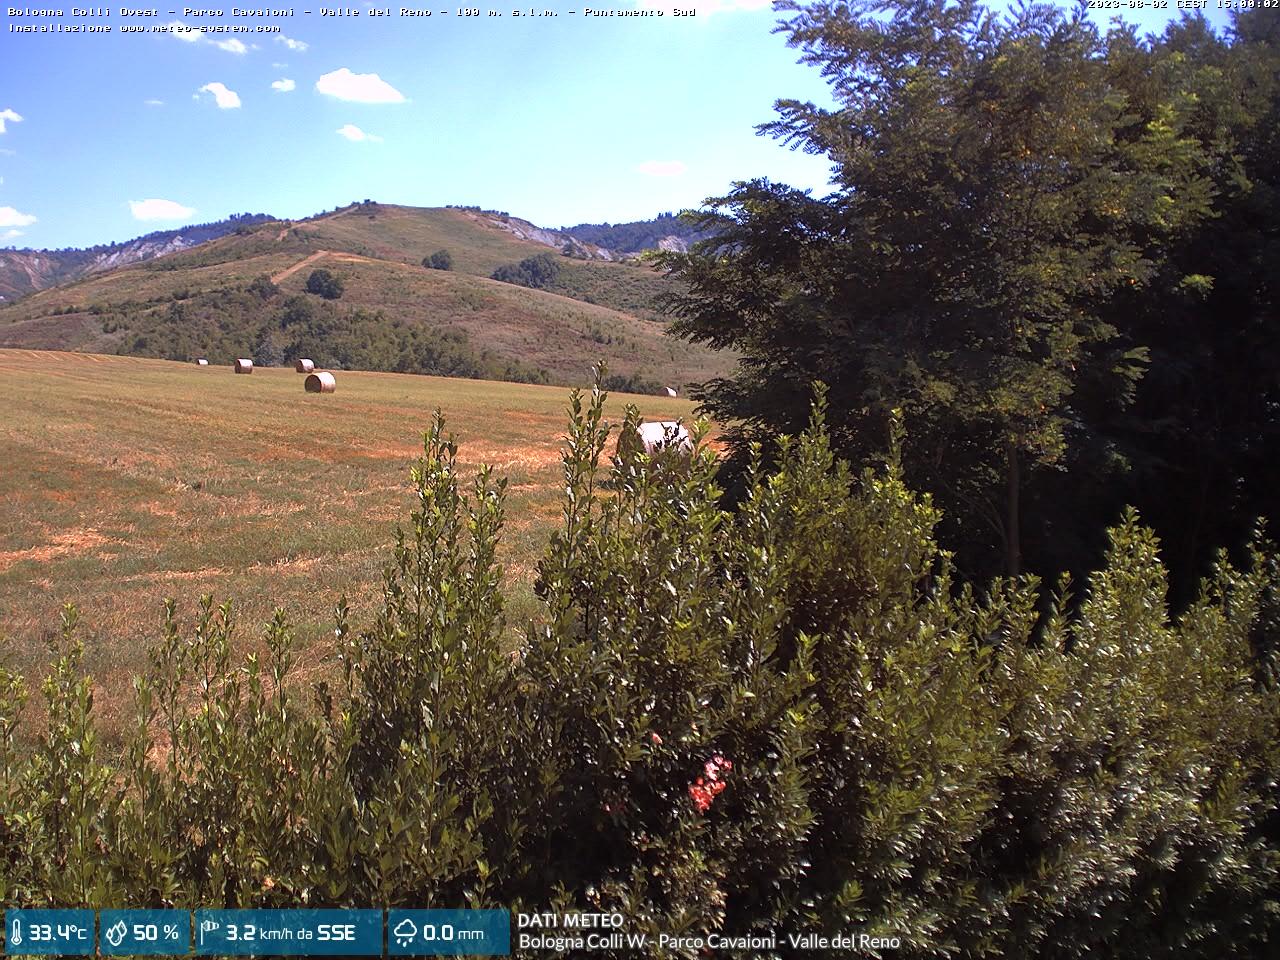 webcam Bologna Colli W - Parco Cavaioni - Valle del Reno (BO)